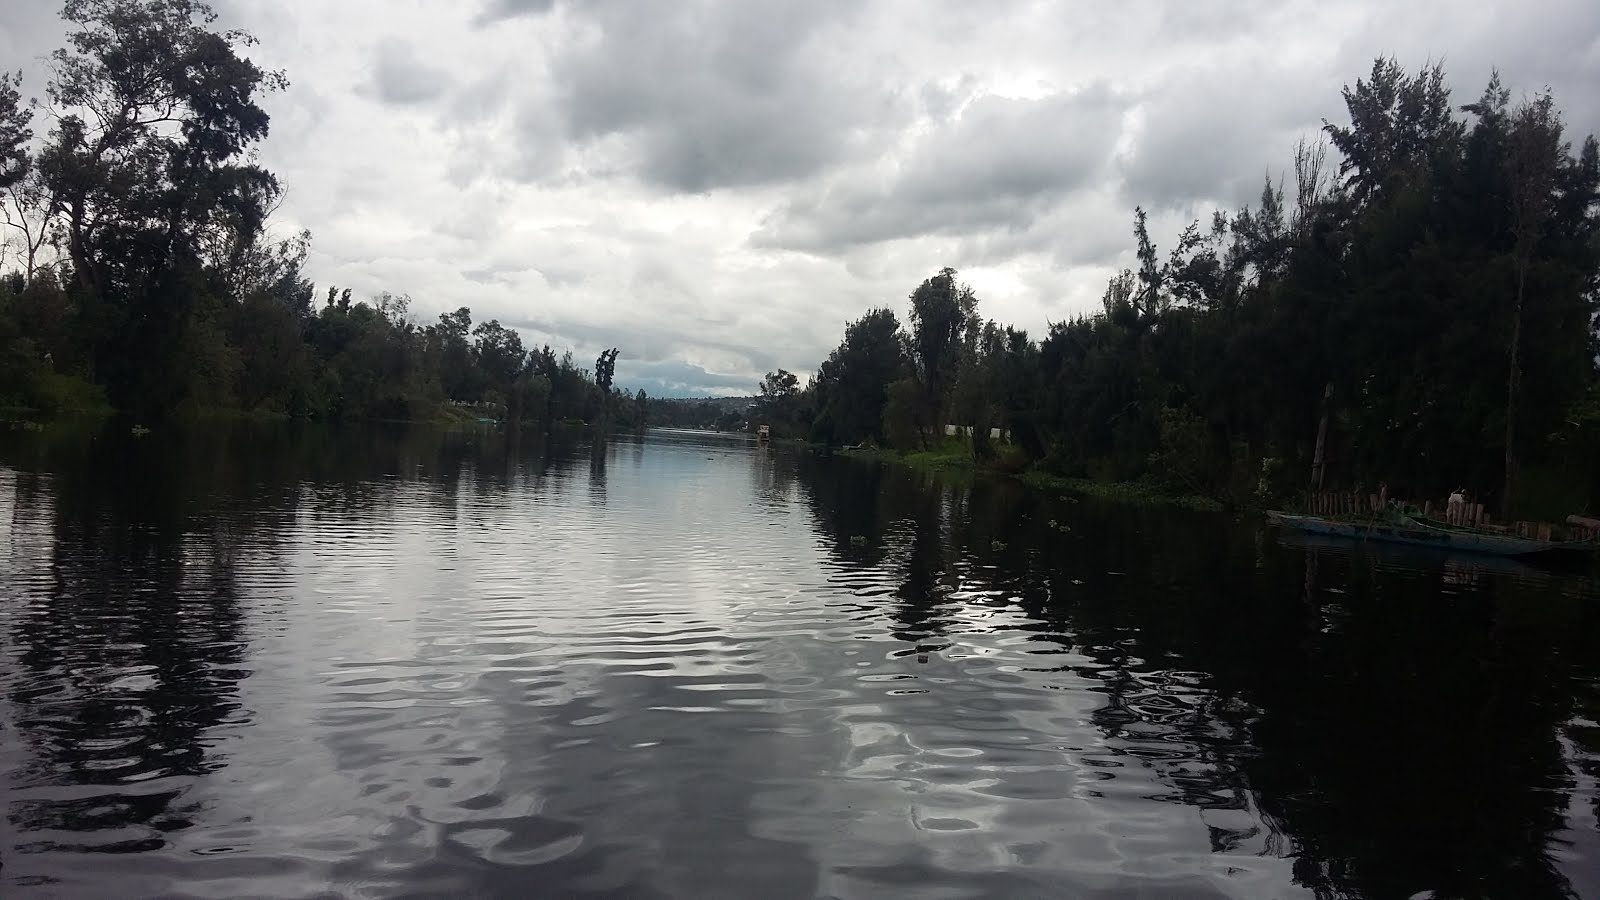 CANALES DE XOCHIMILCO